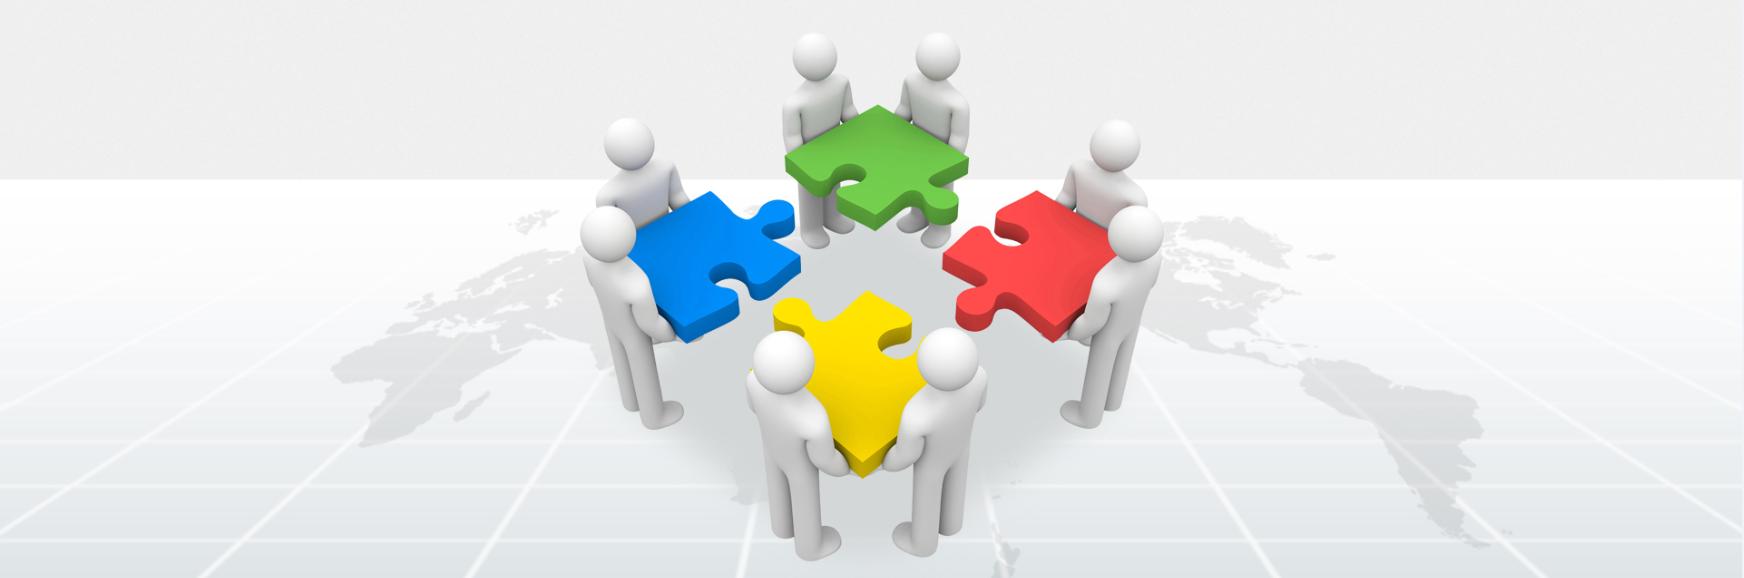 【环保地砖】市场同质化,企业要学会管理分销渠道。